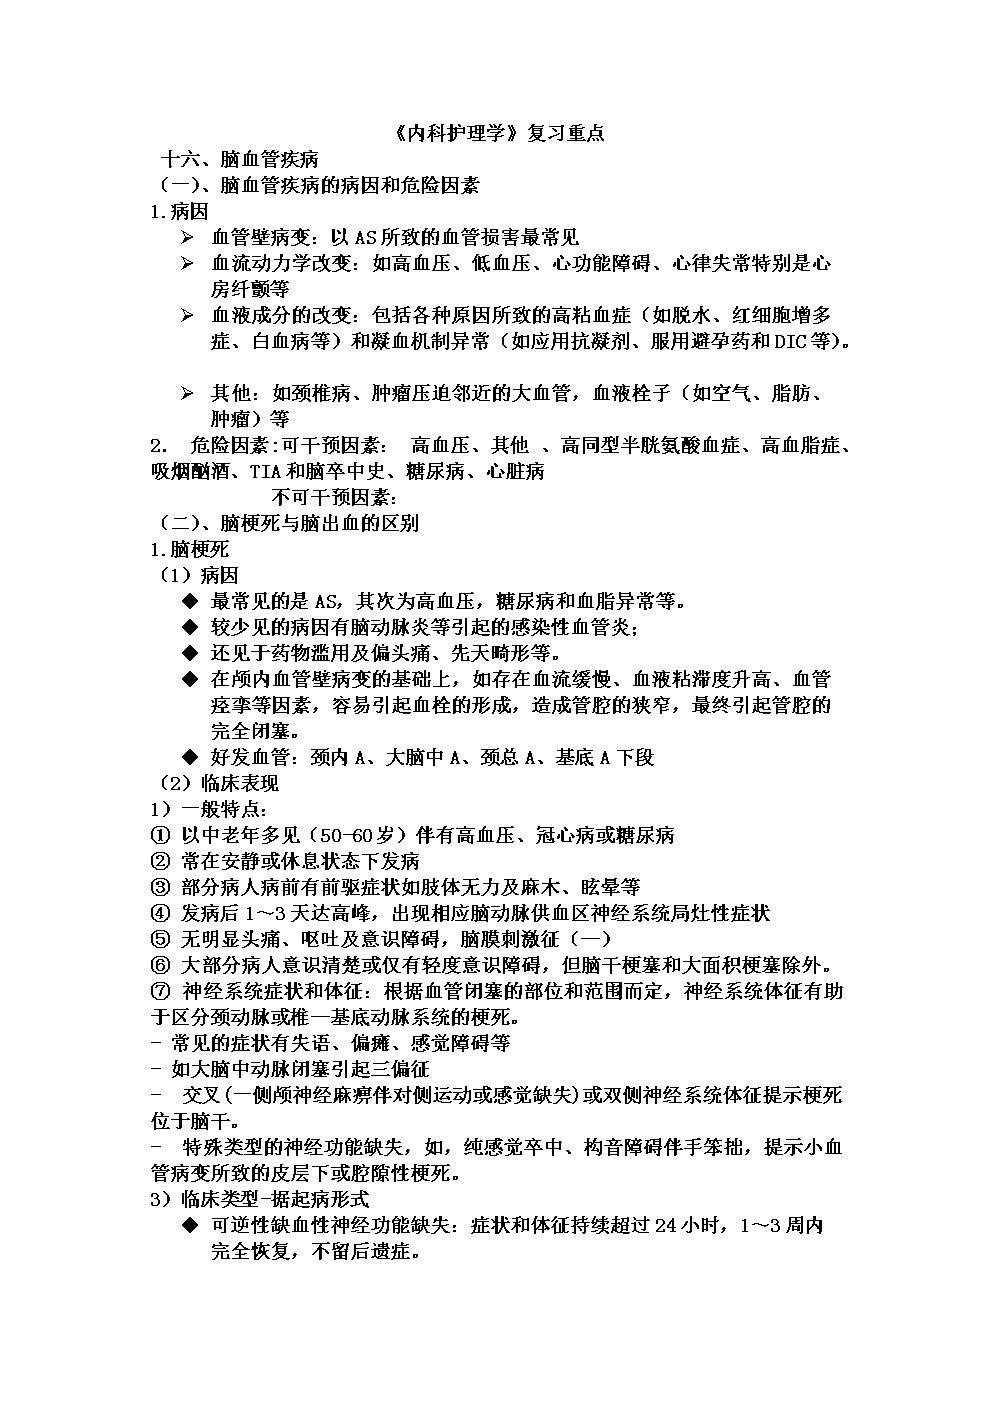 内科护理学重点归纳_内科护理学总结重点.doc